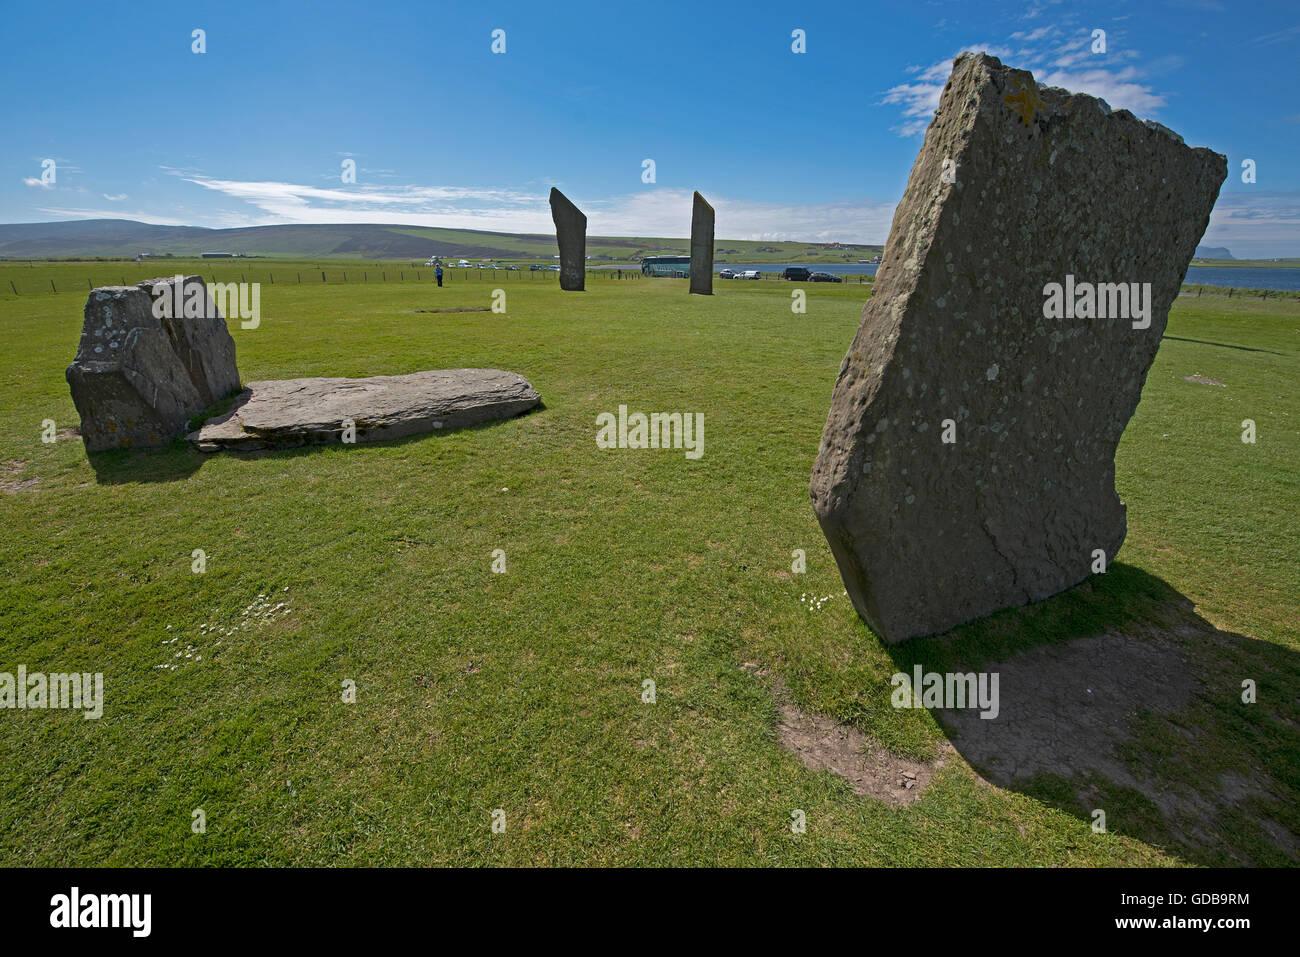 Stenness Standing Stones dentro del sitio del Patrimonio Mundial de la UNESCO, Heart of Neolithic Orkney. 10,704 de la SCO. Foto de stock